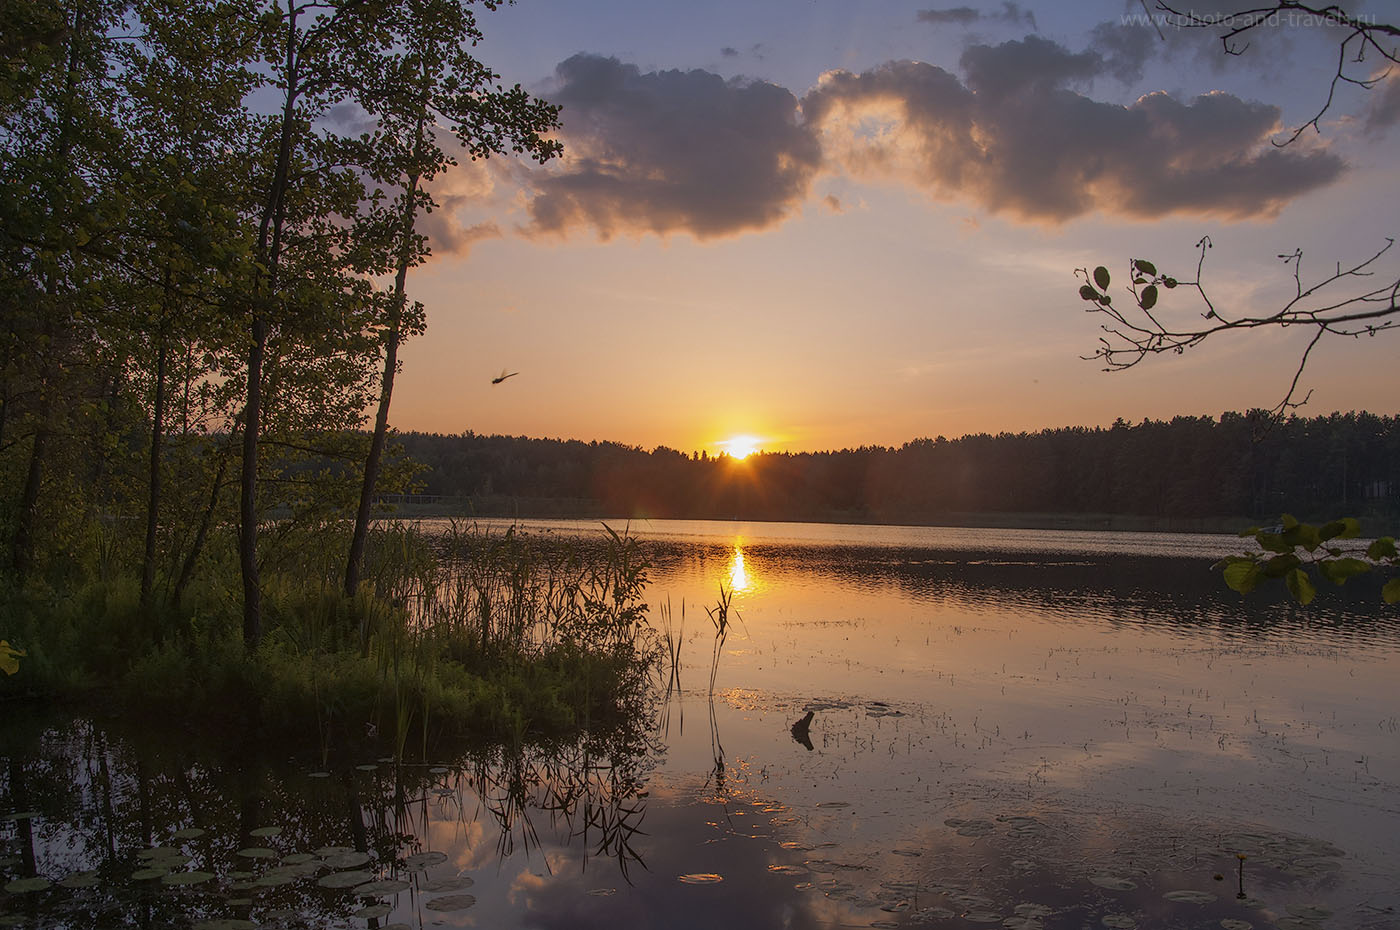 17. Вечер на болоте (образец фото, снятого на Никон Д90 КИТ 18-105 со следующими настройками: 1/80, 0 eV, f/8, 22 мм, ИСО 200)